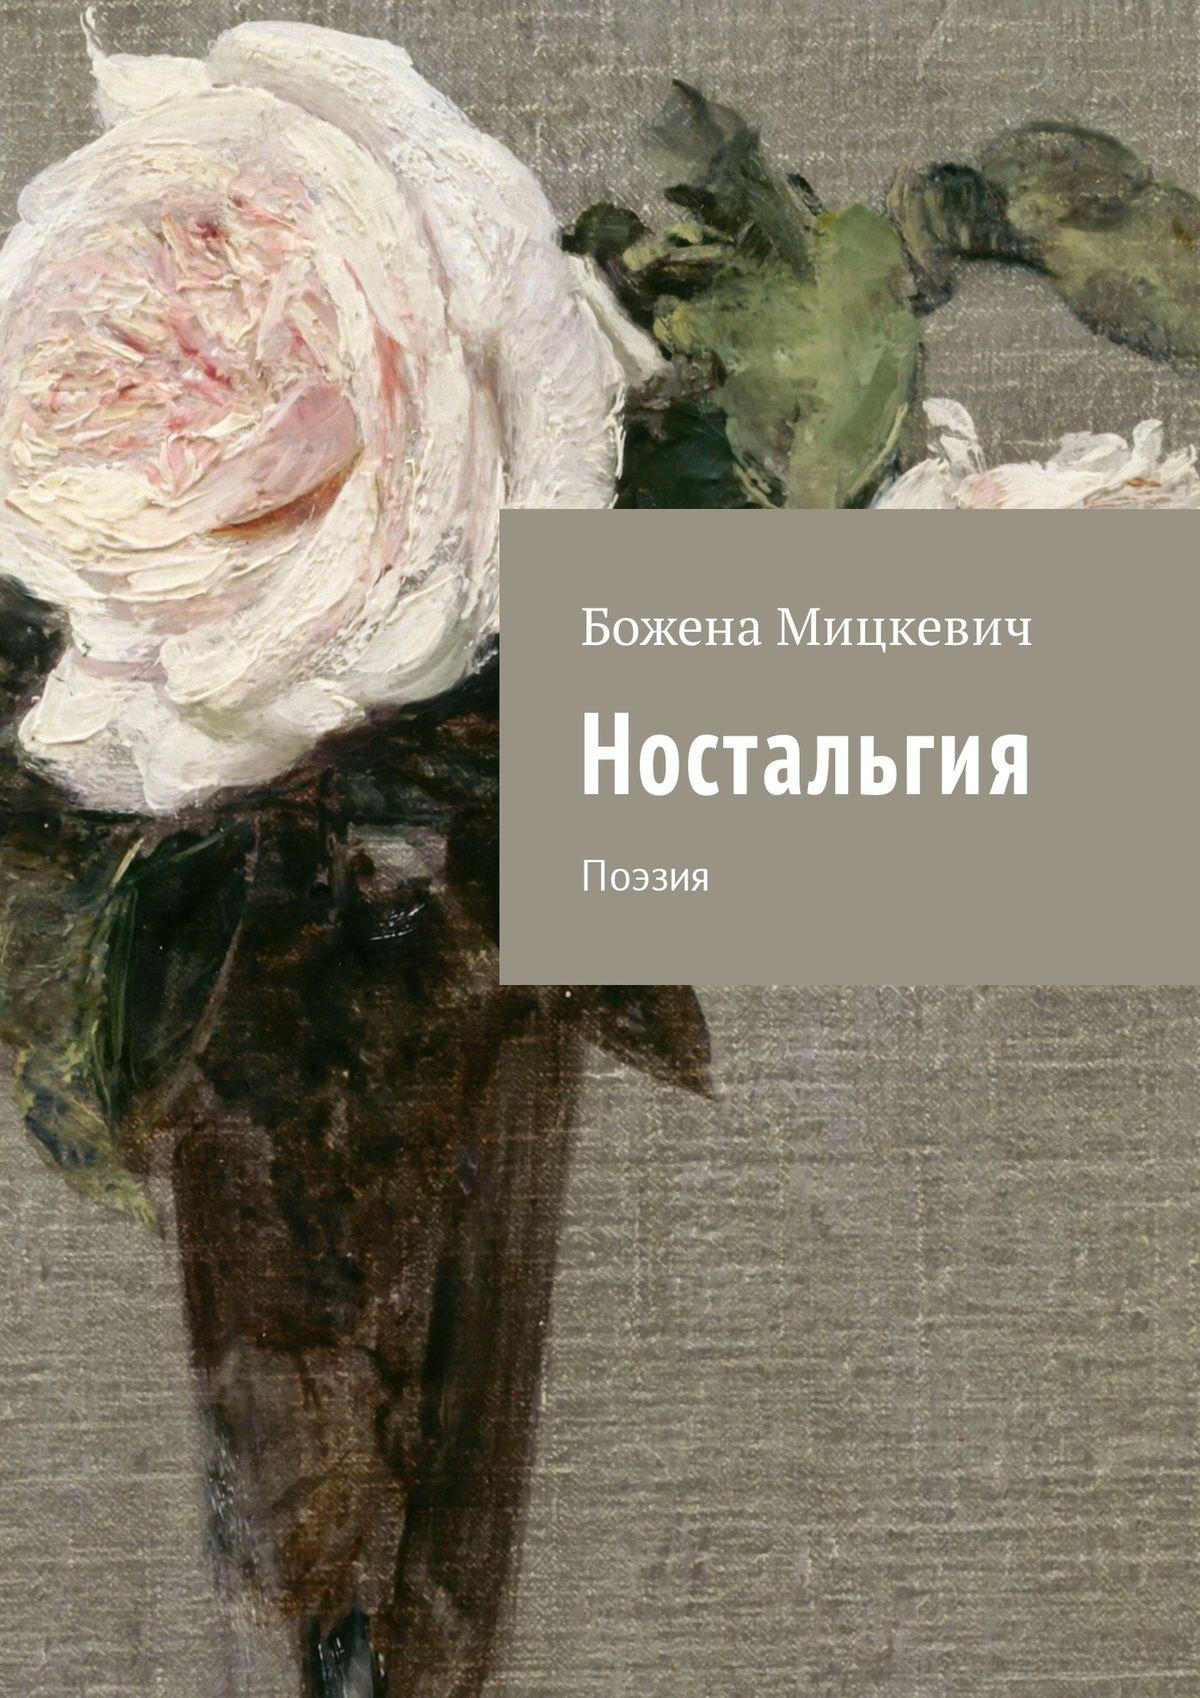 Божена Мицкевич Ностальгия. Поэзия